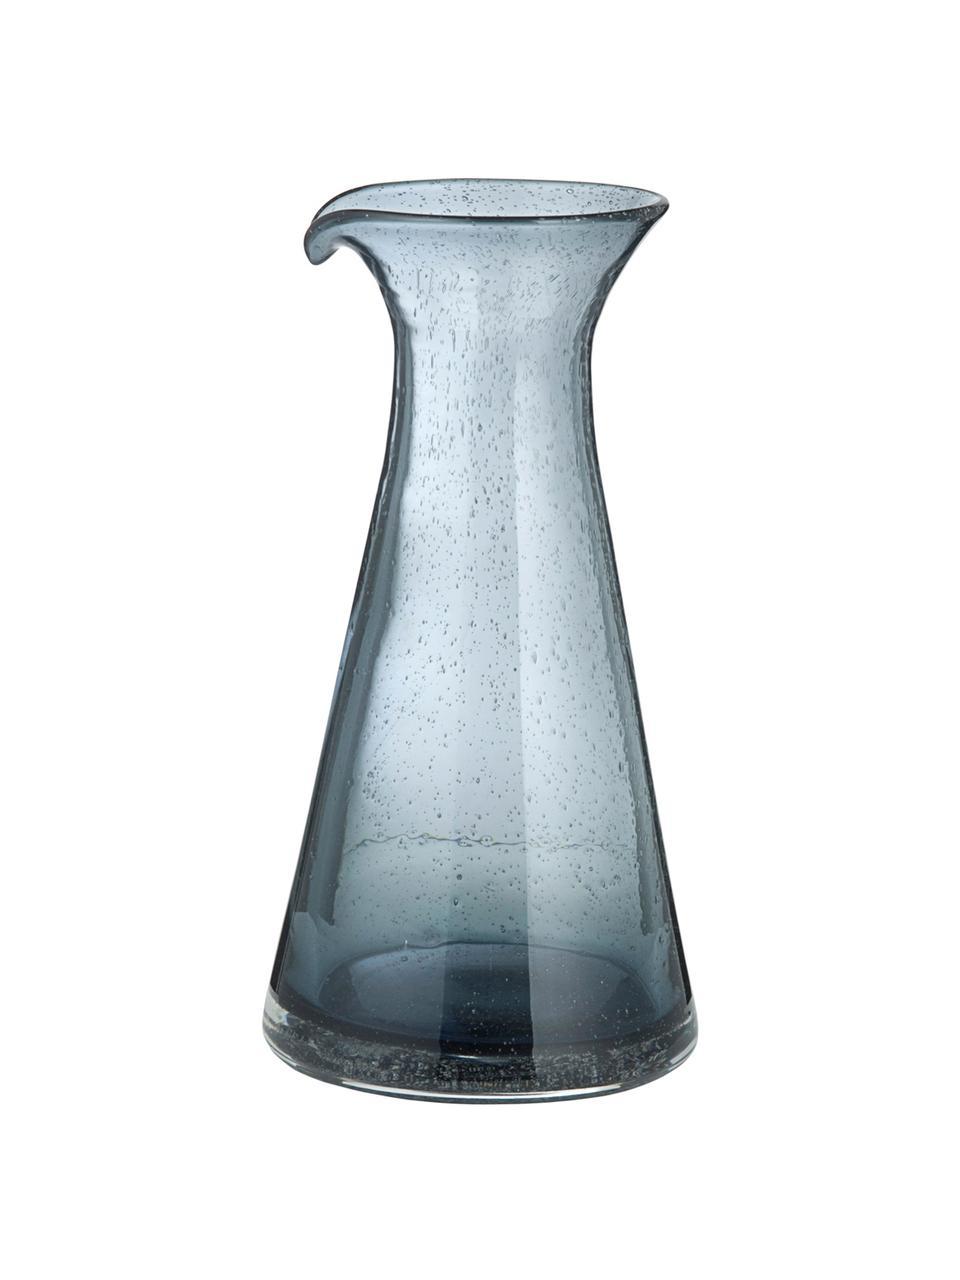 Mundgeblasene Karaffe Bubble mit Lufteinschlüssen, Glas, Transparent, Grau, 800 ml